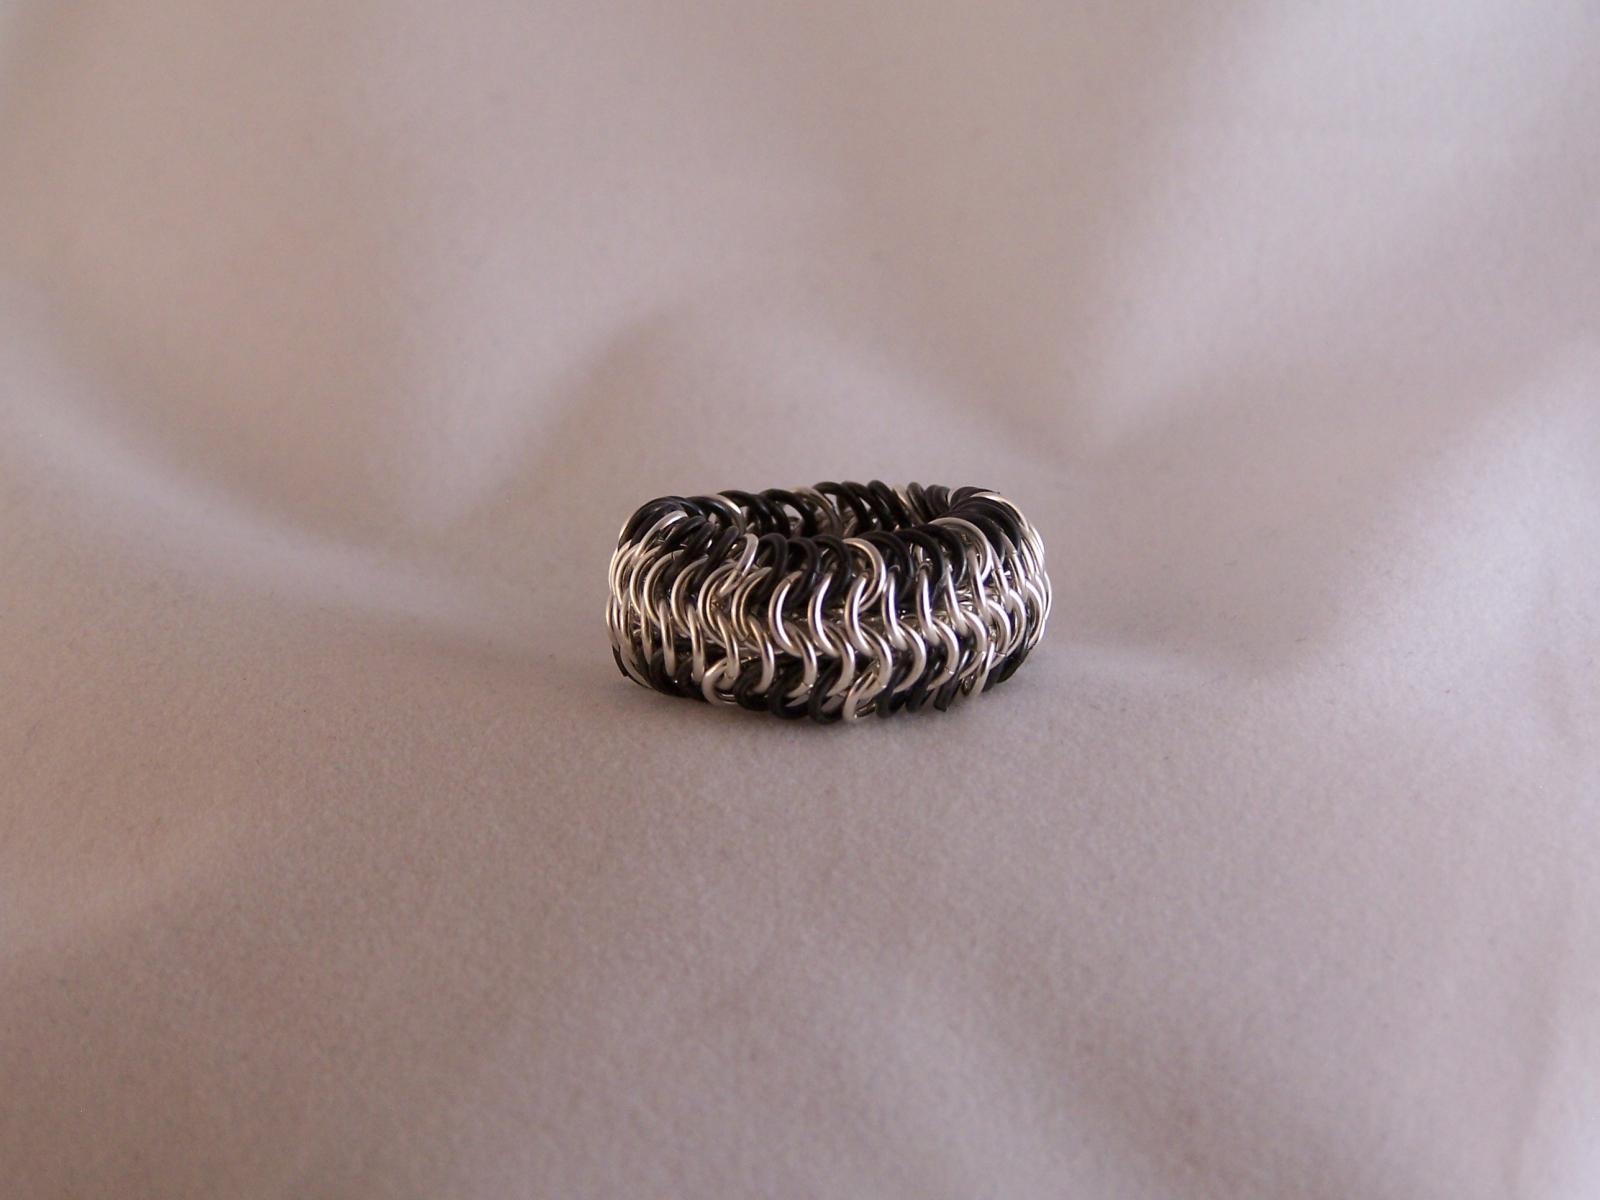 Men's E6-1 Ring, in Fine Silver & Black Niobium